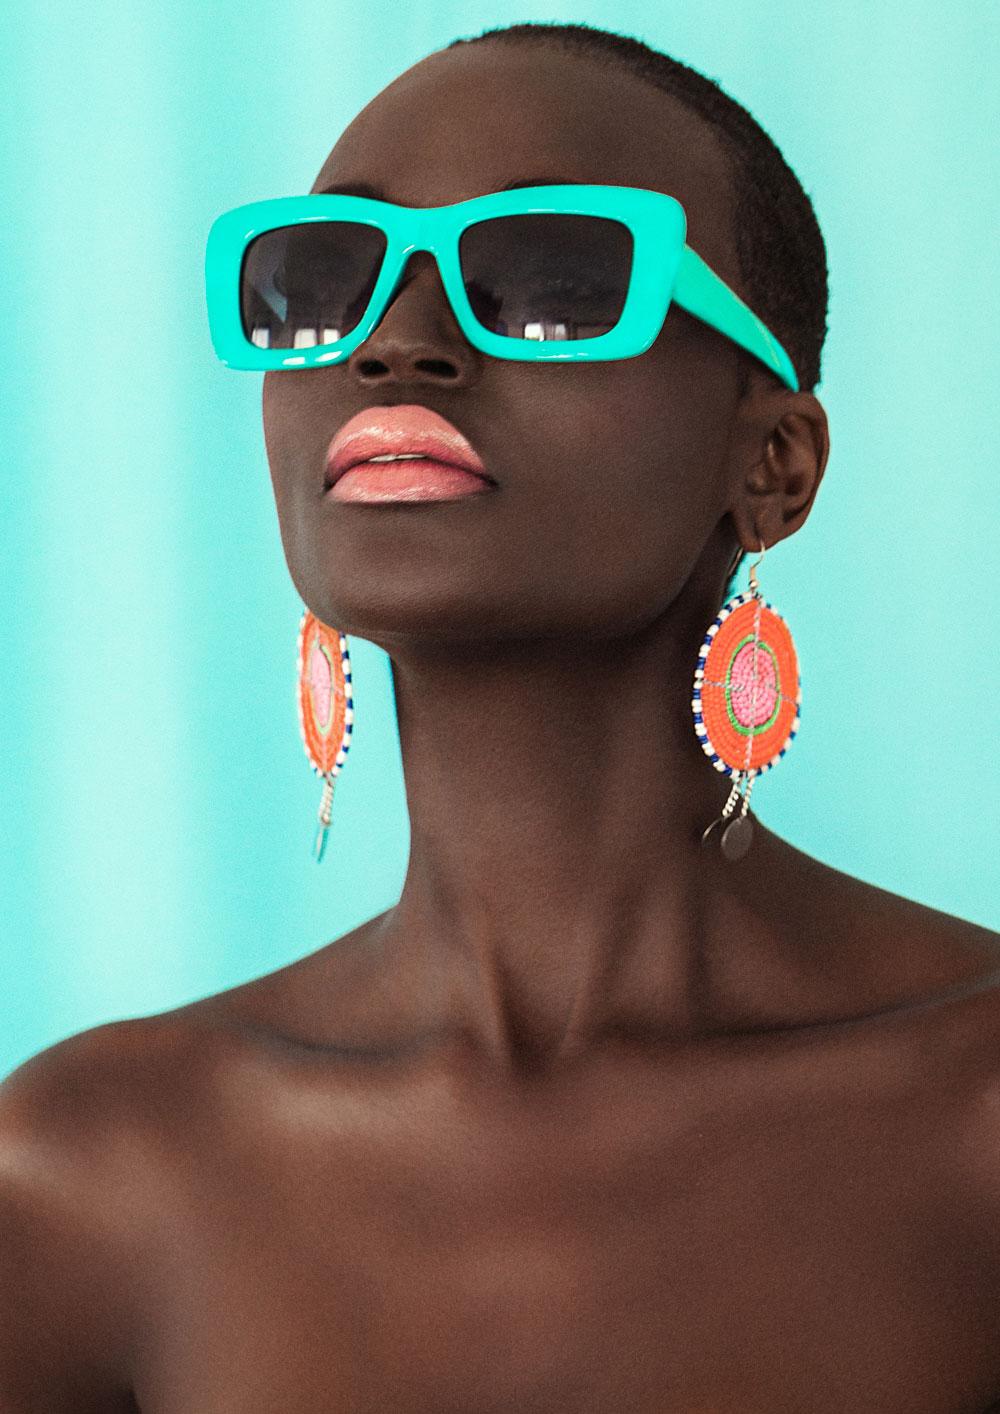 Πορτρέτο της γυναίκας με πορτοκαλί σκουλαρίκια και γυαλιά ηλίου.